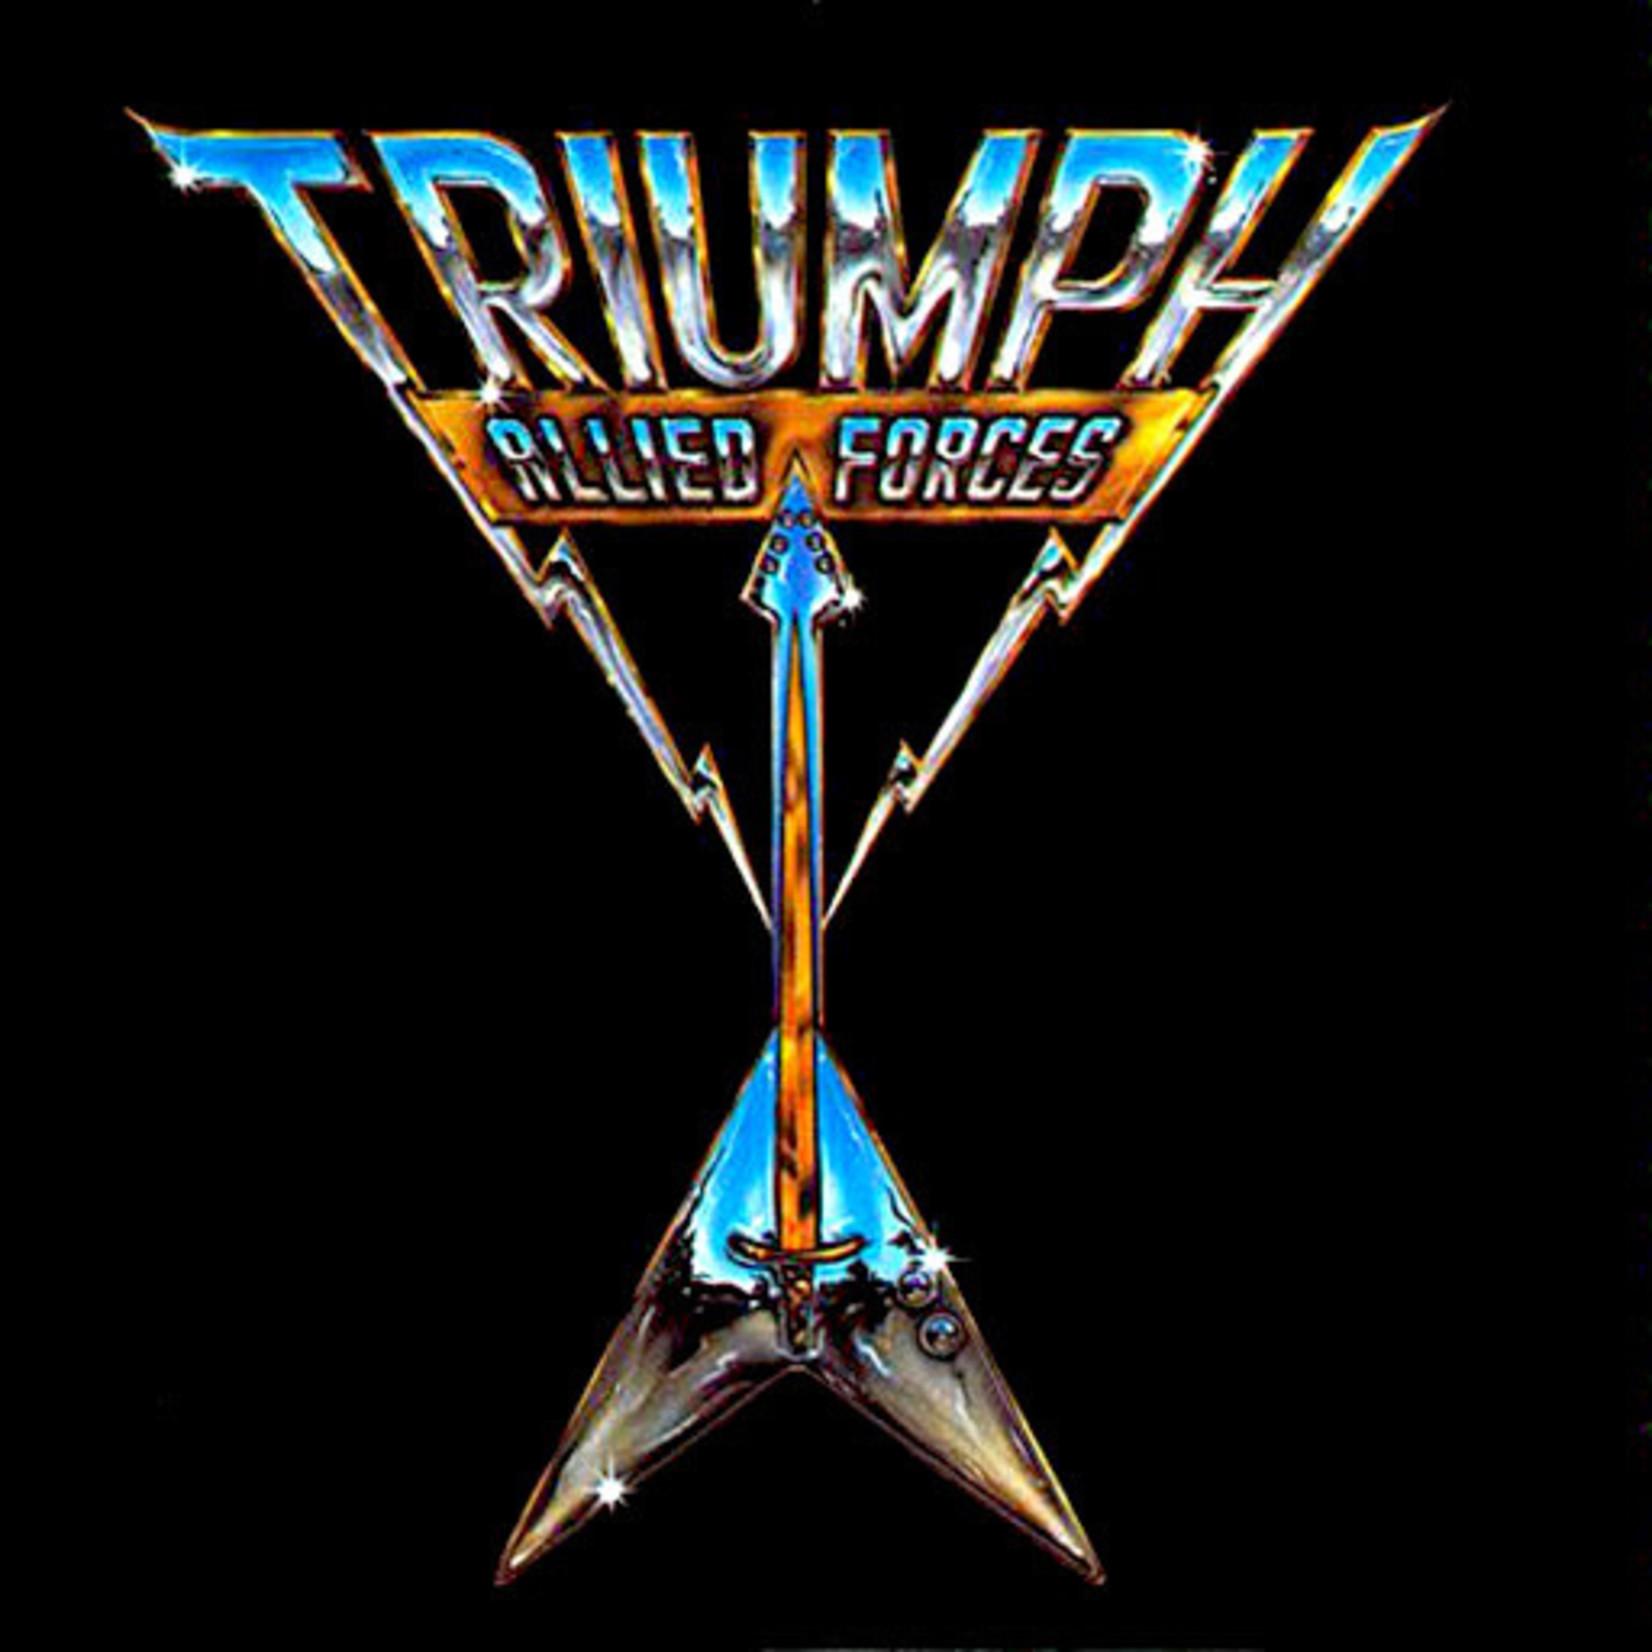 [Vintage] Triumph: Allied Forces